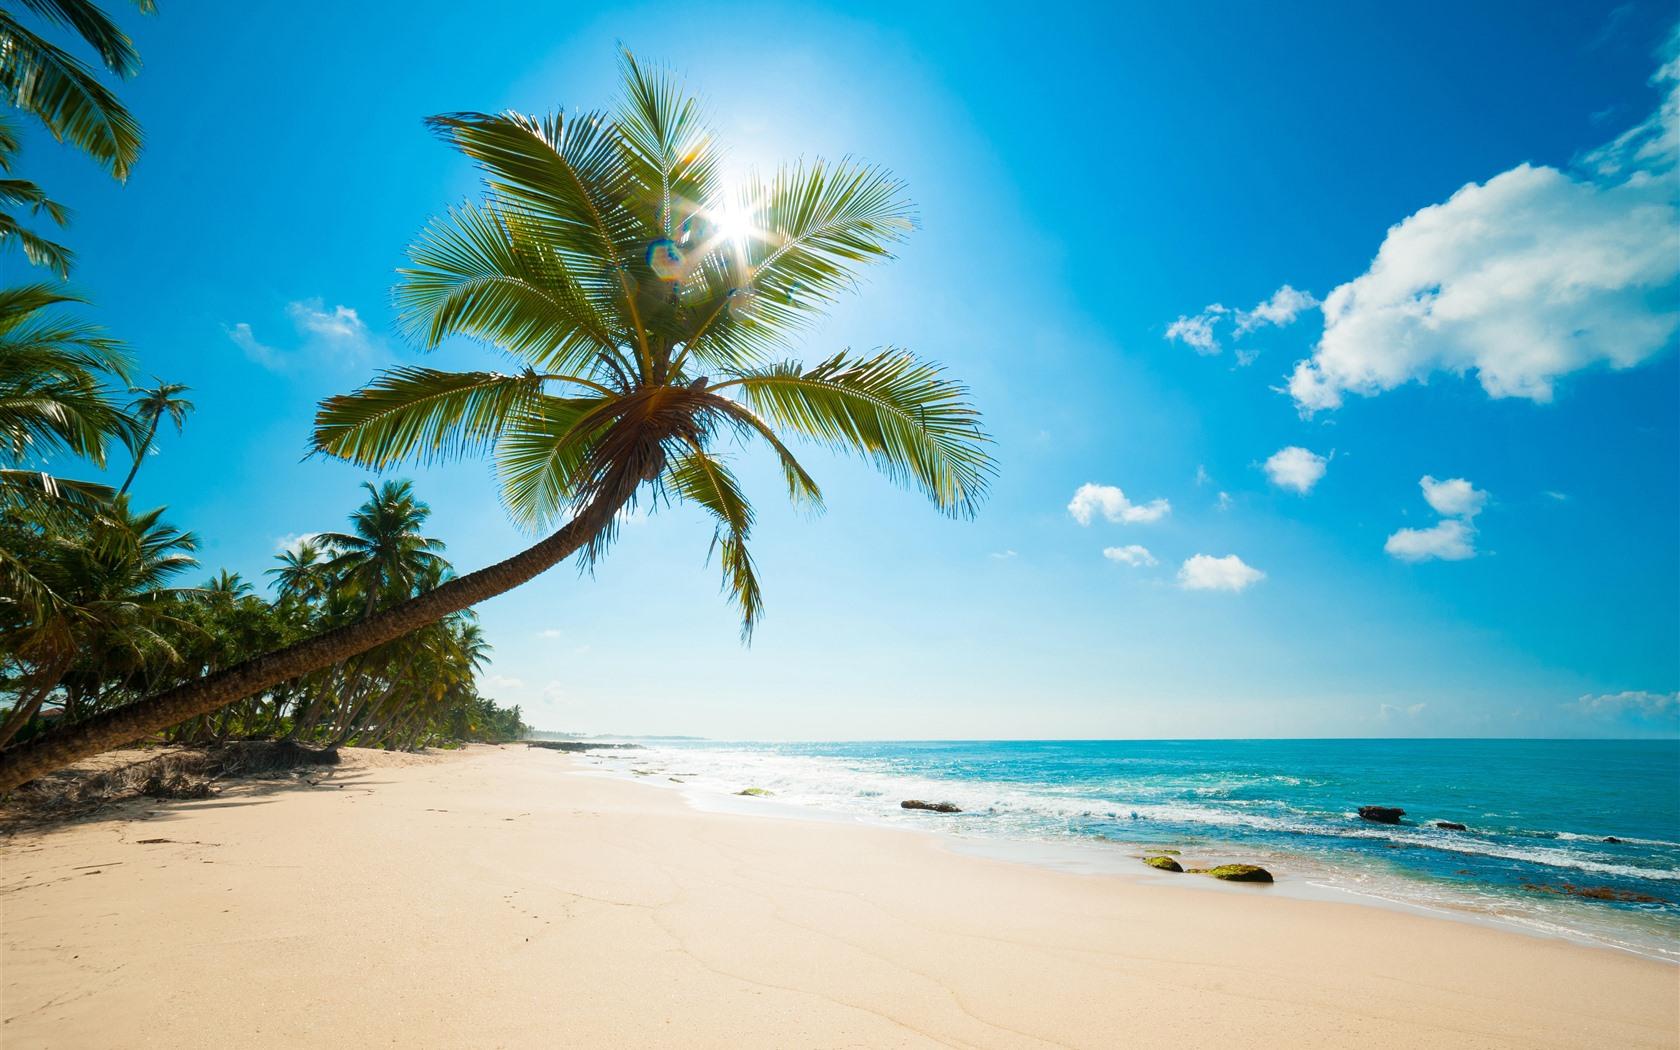 Картинки карибские острова